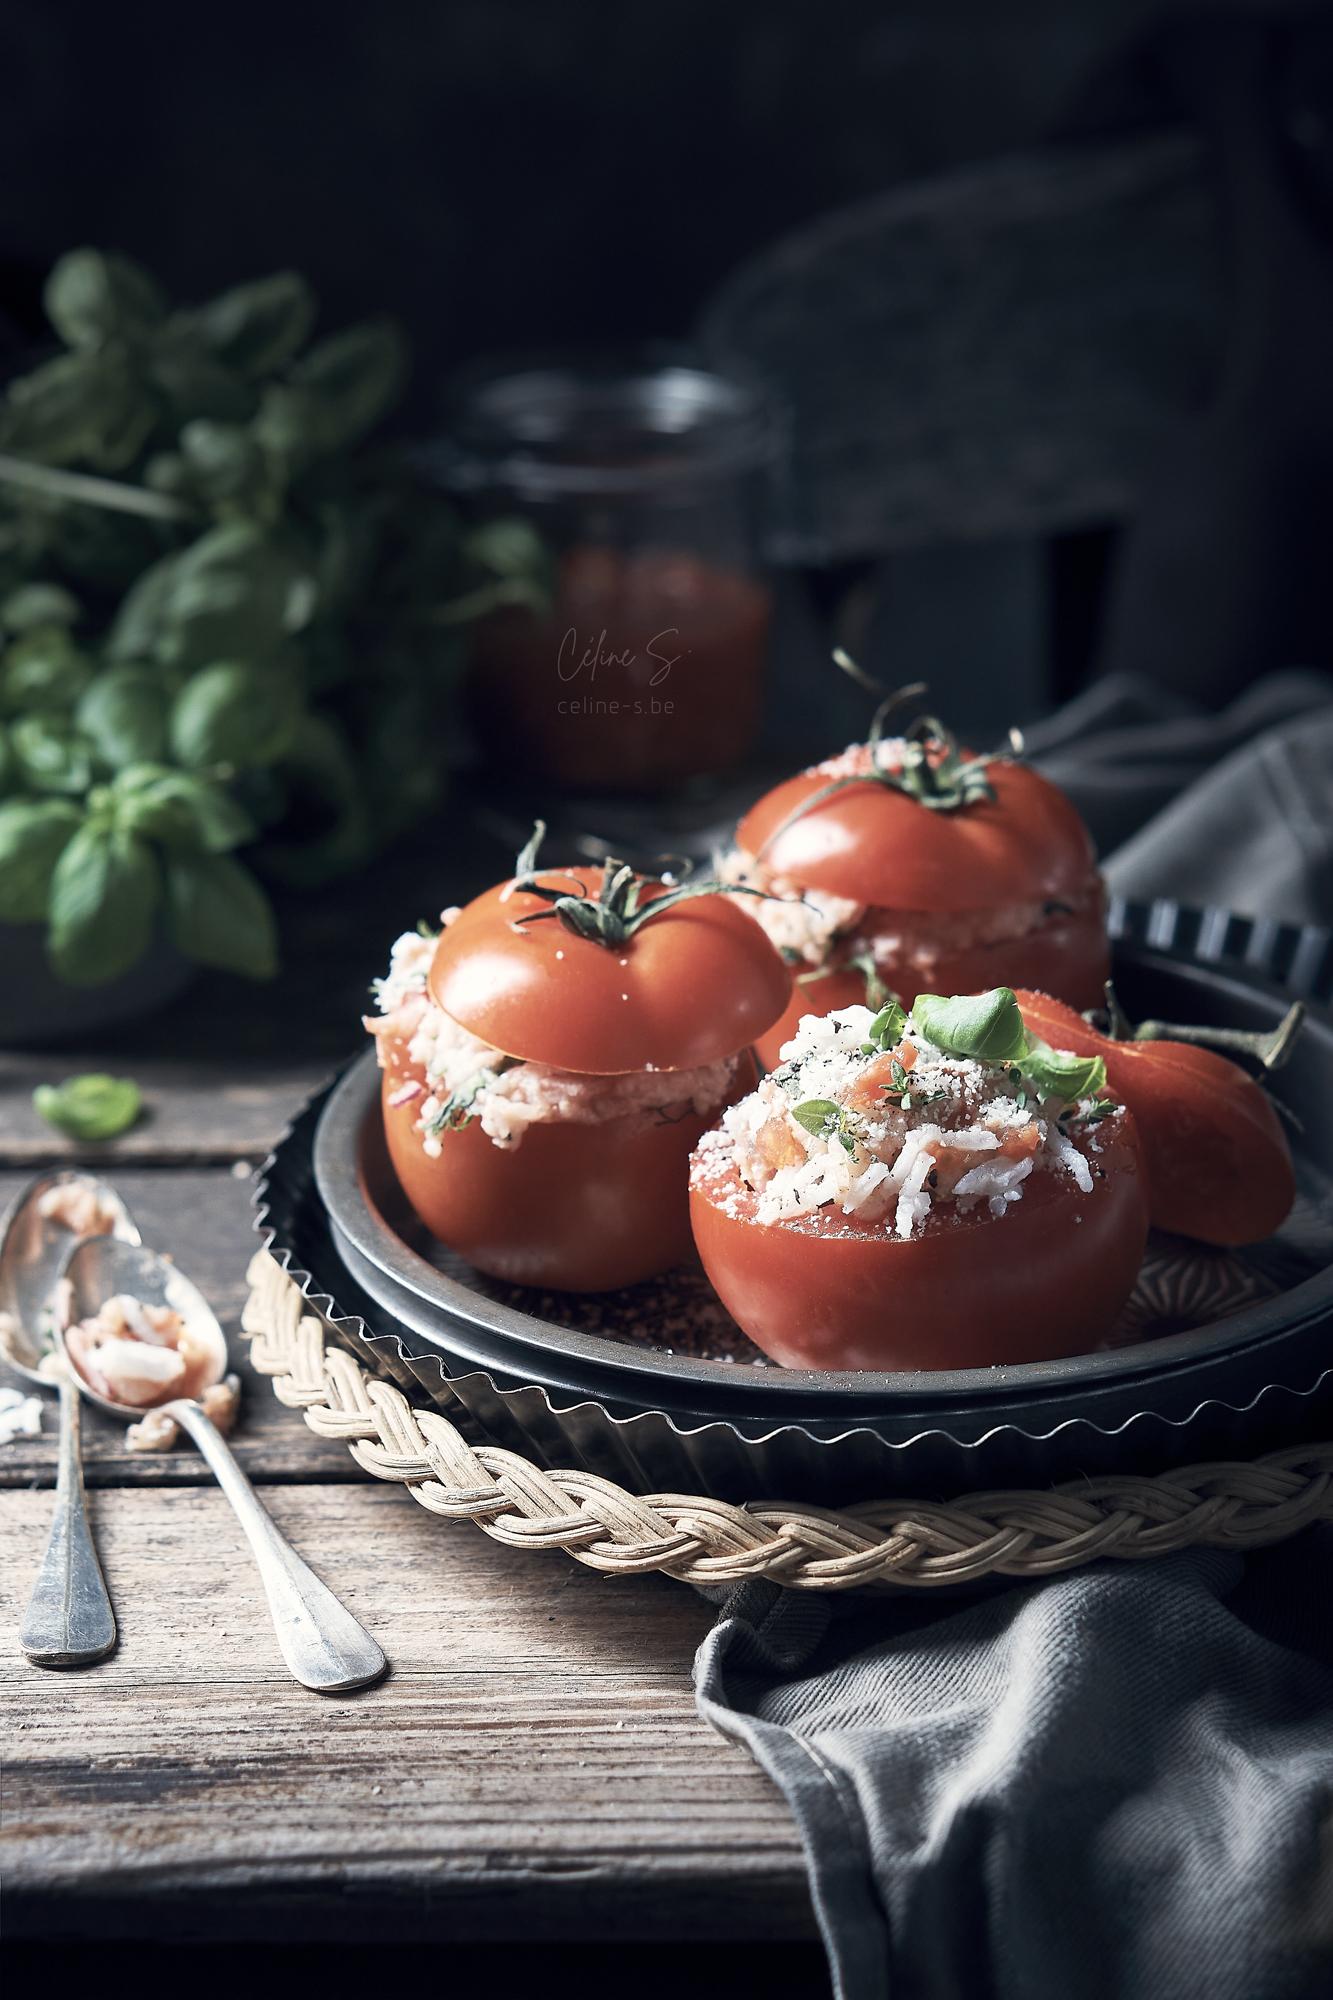 céline Stiévenard - recette et photo tomates farcies à l'italienne au riz - vue face - styliste culinaire food - création de photo food - Liège, Belgique